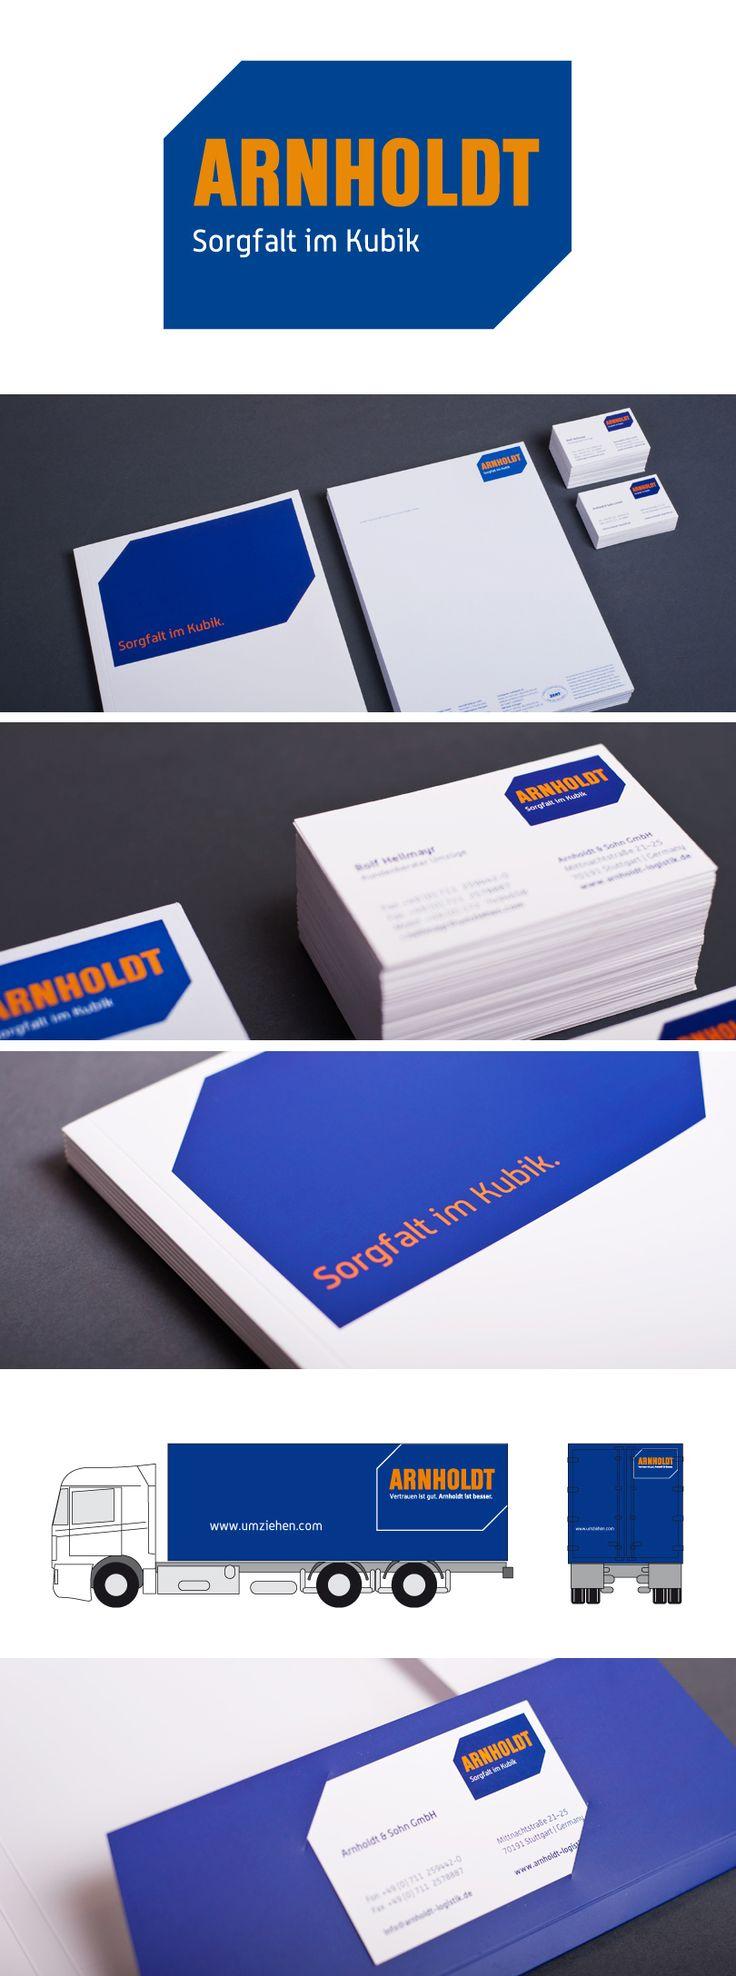 Corporate Design for the company Spedition Arnholdt in Stuttgart by JoussenKarliczek, www.j-k.de